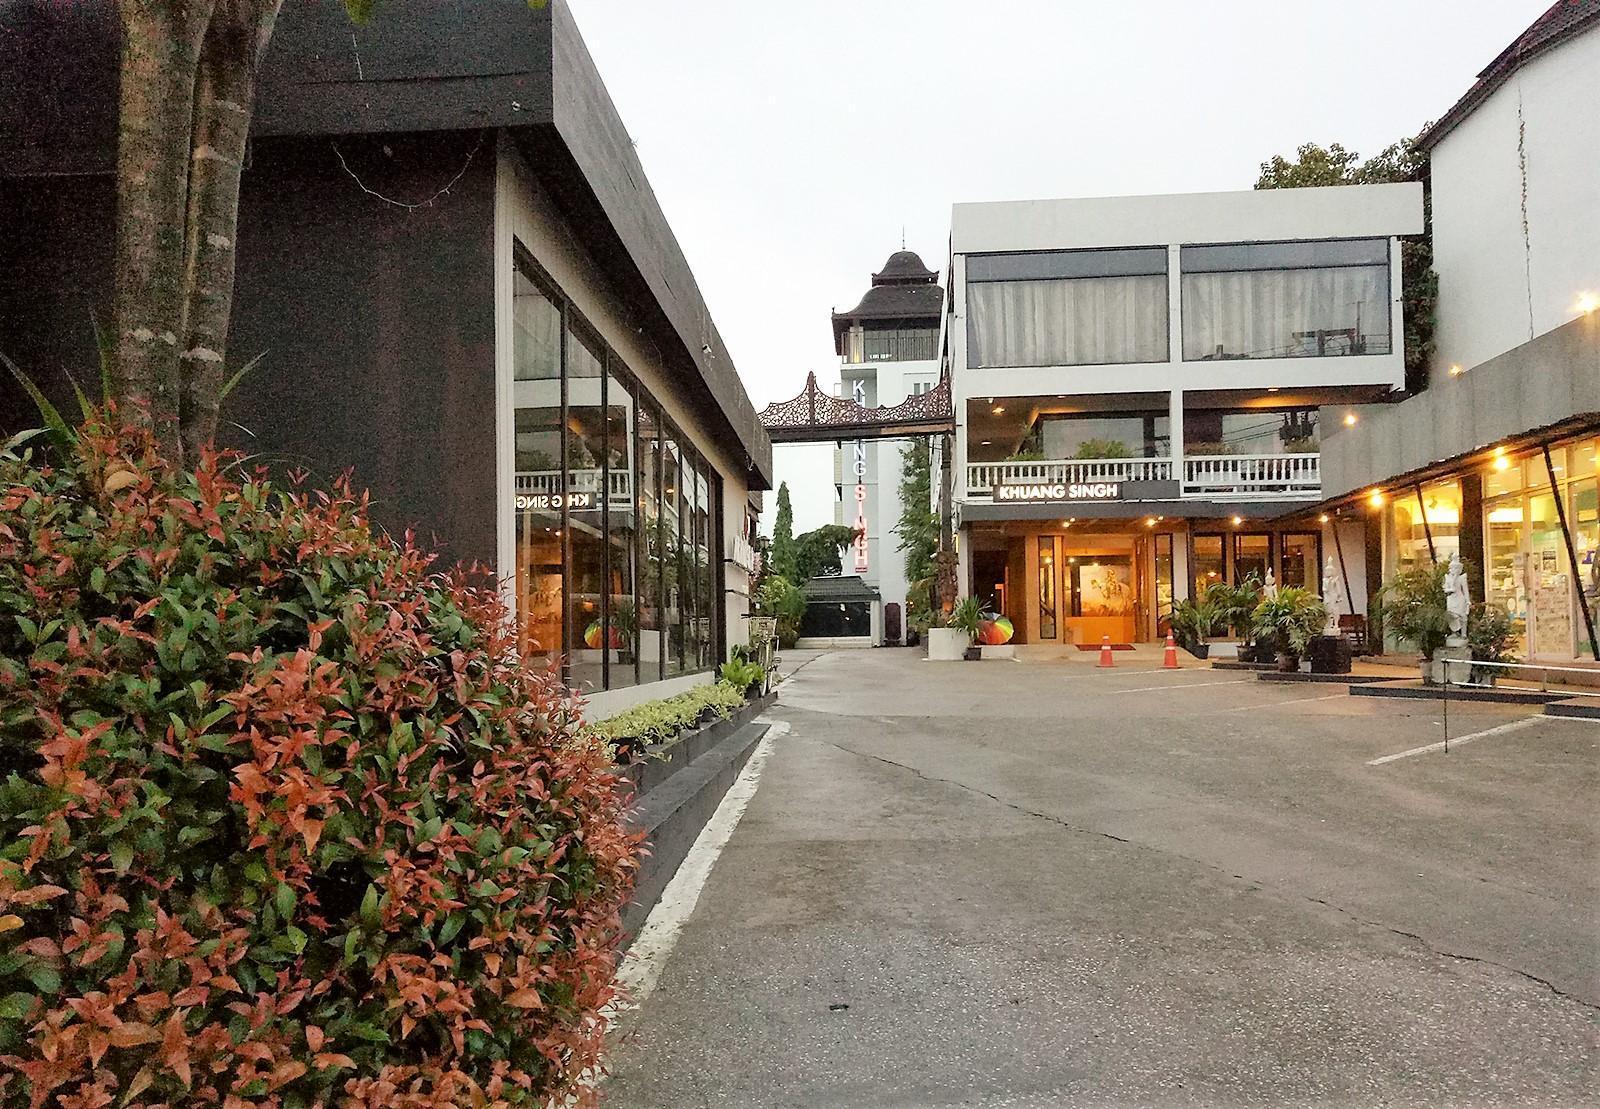 รีวิวล่าสุด ข่วงสิงห์ เรสซิเดนซ์ เชียงใหม่ (Khuang Singh Residence Chiang Mai) รีวิว Pantip